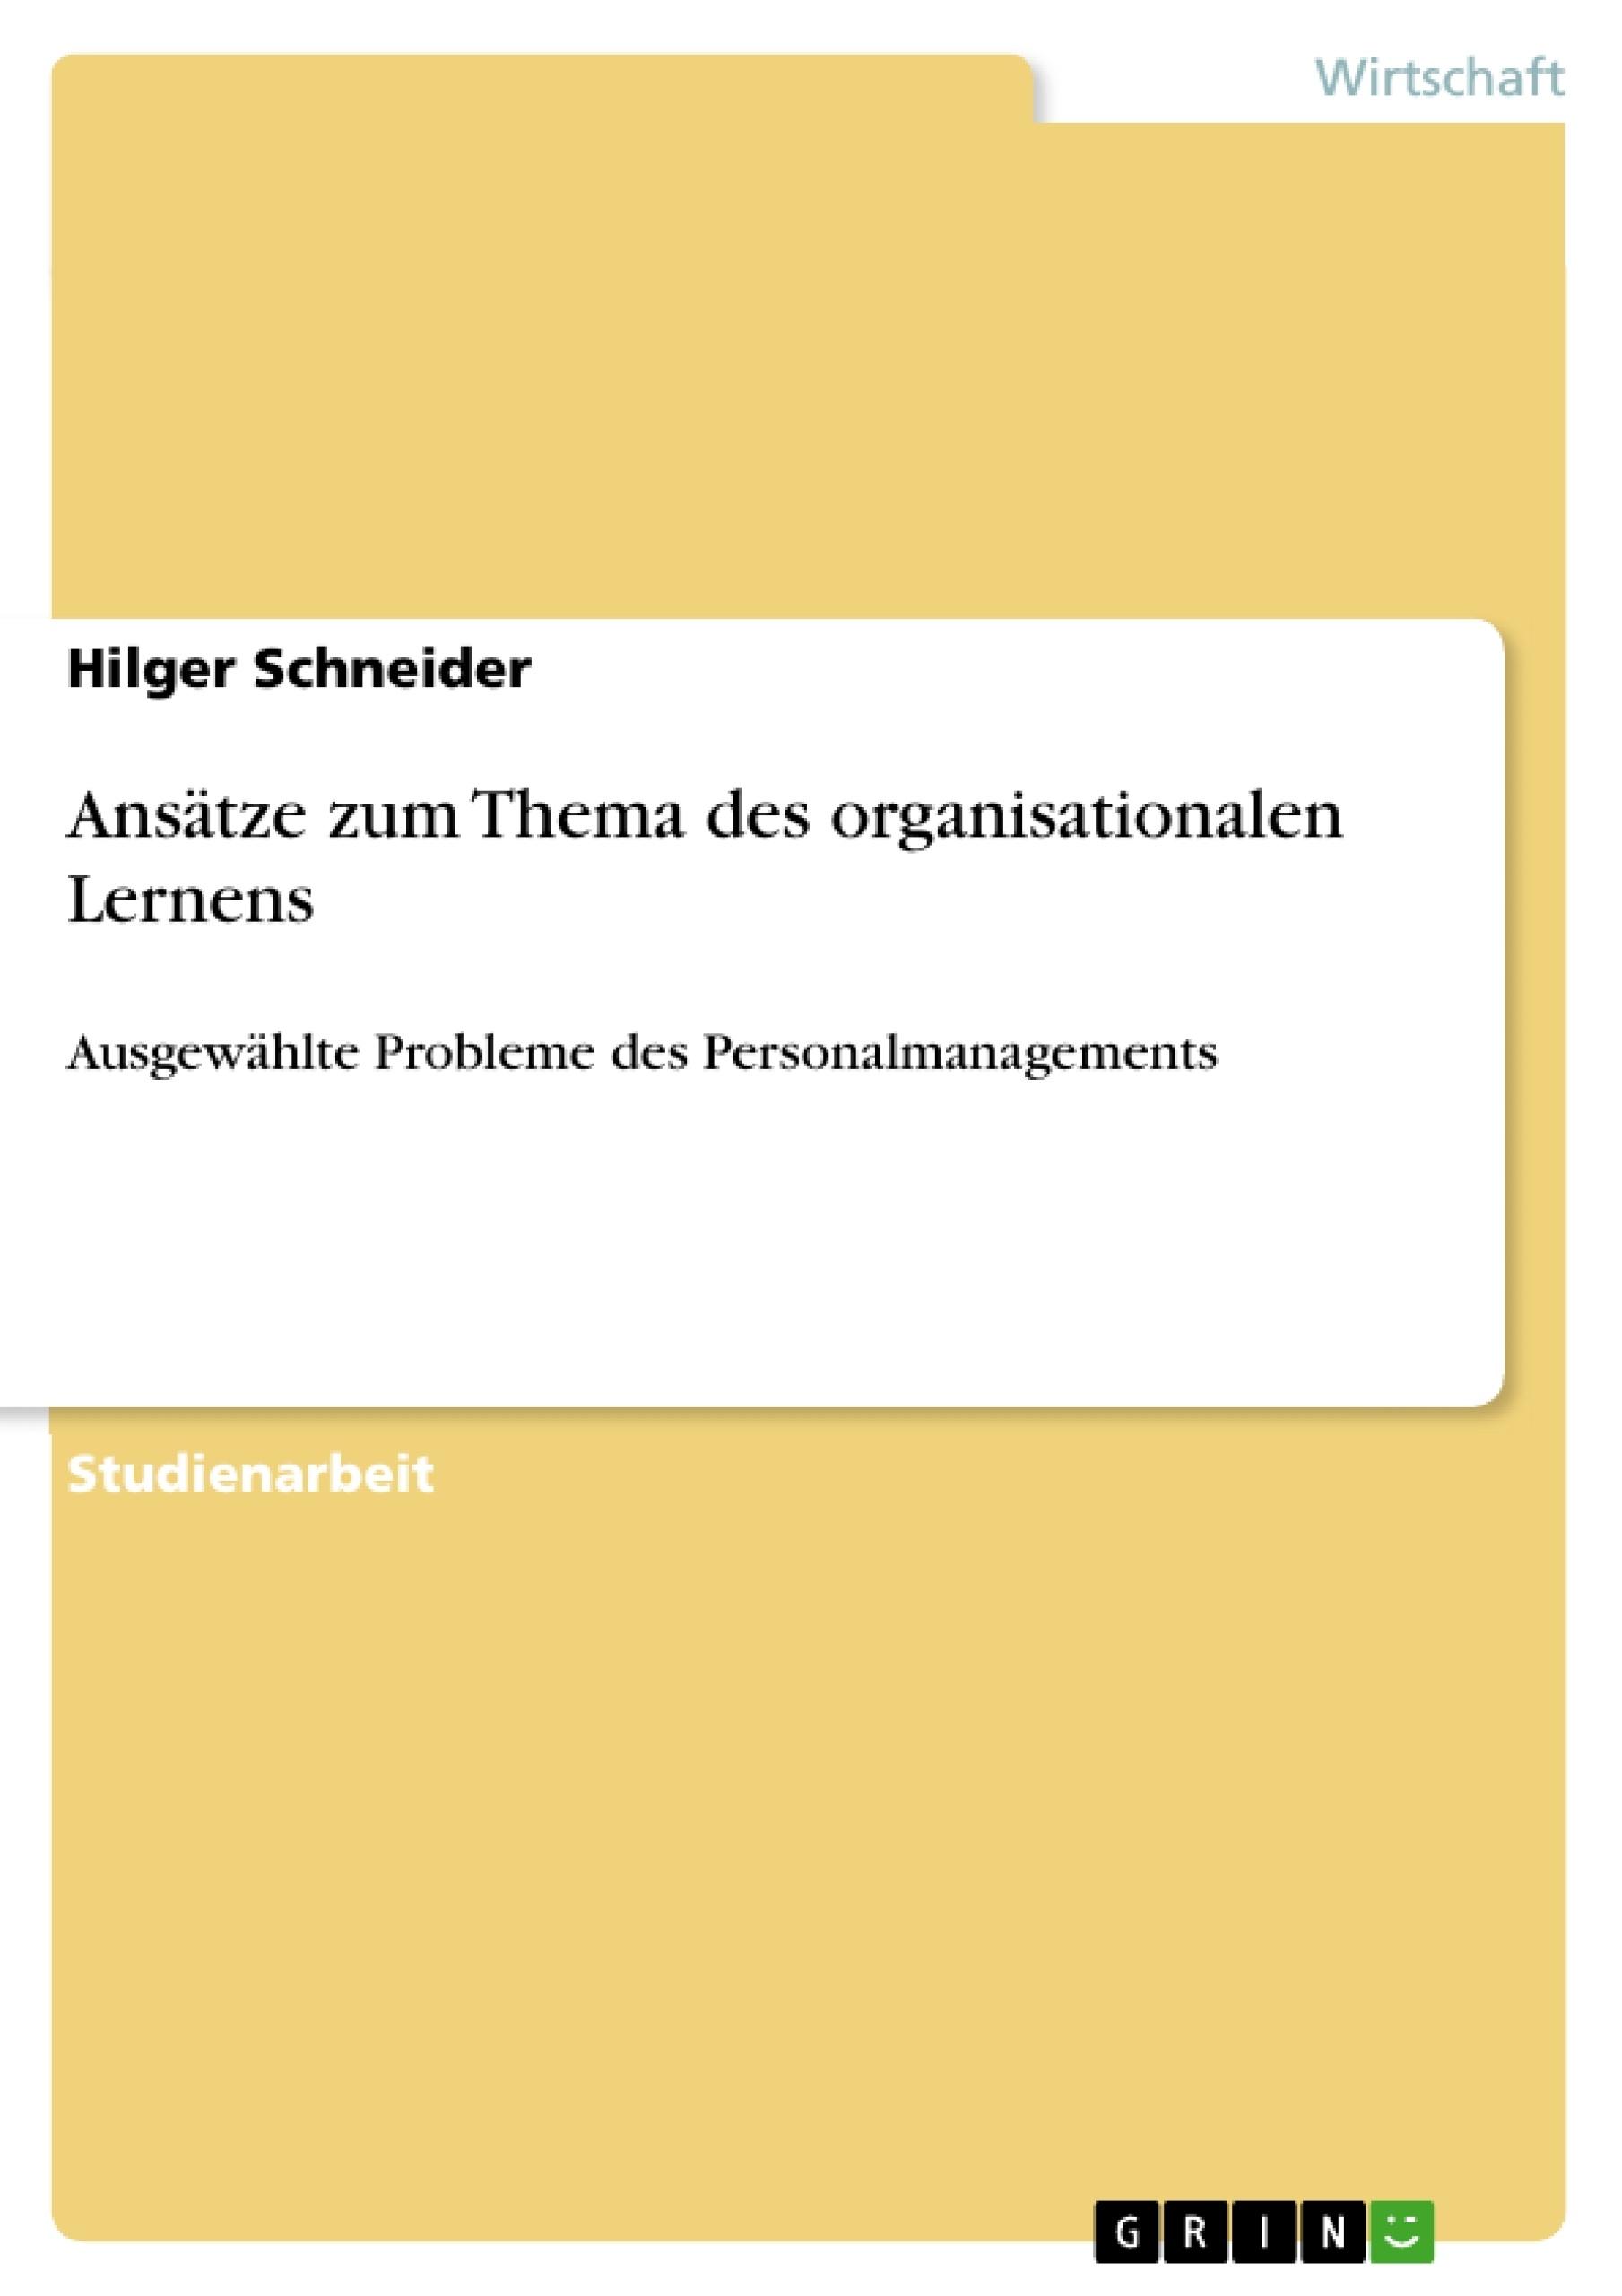 Titel: Ansätze zum Thema des organisationalen Lernens